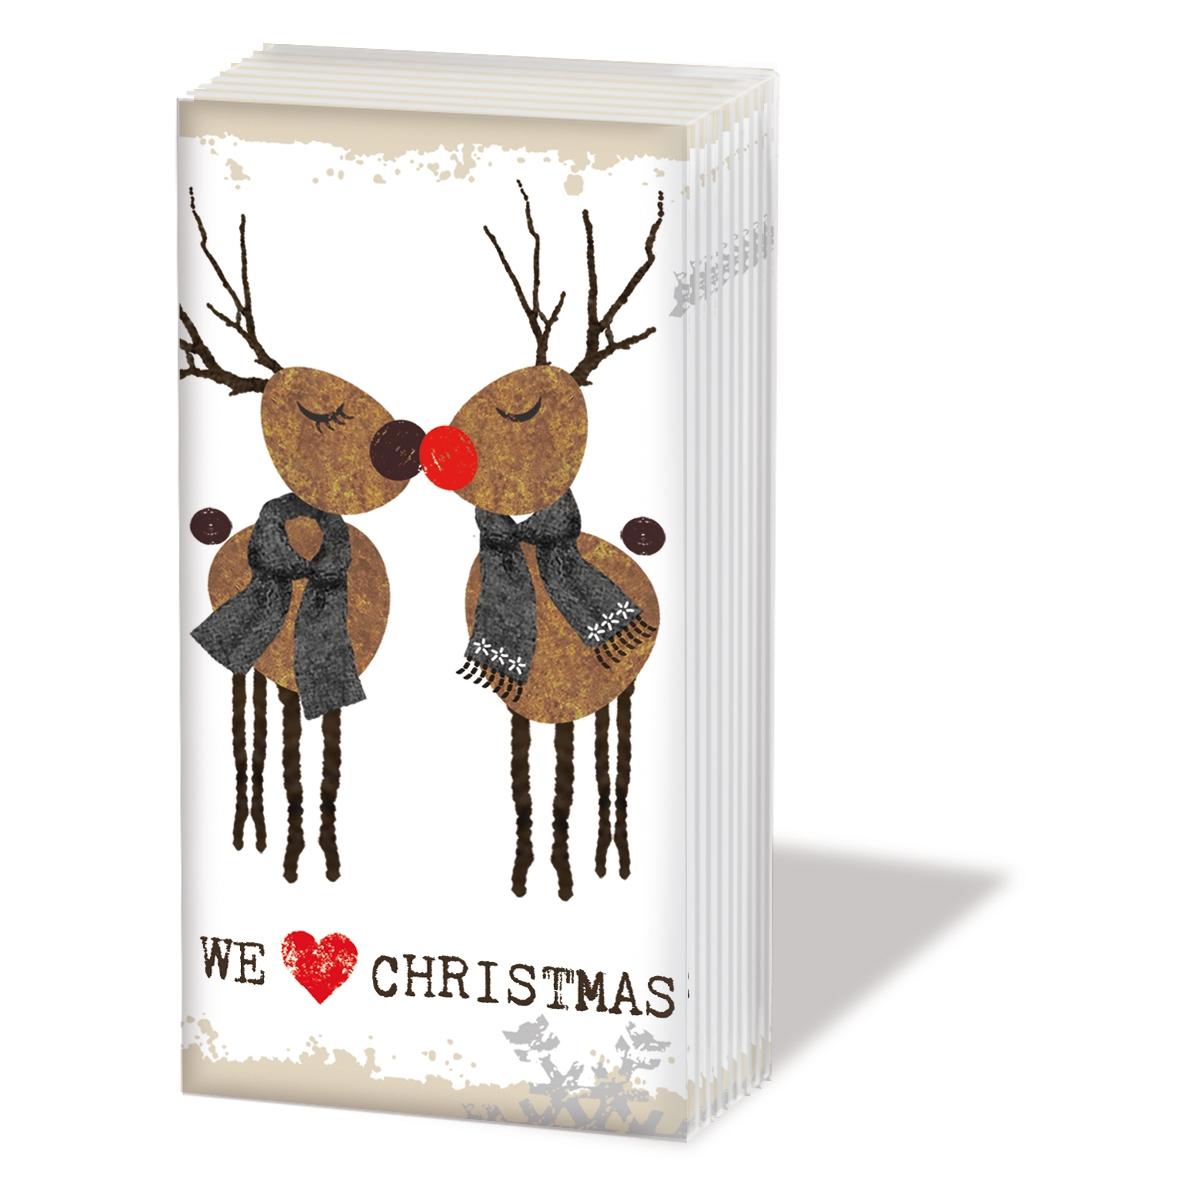 Taschentücher - Wir lieben Weihnachten